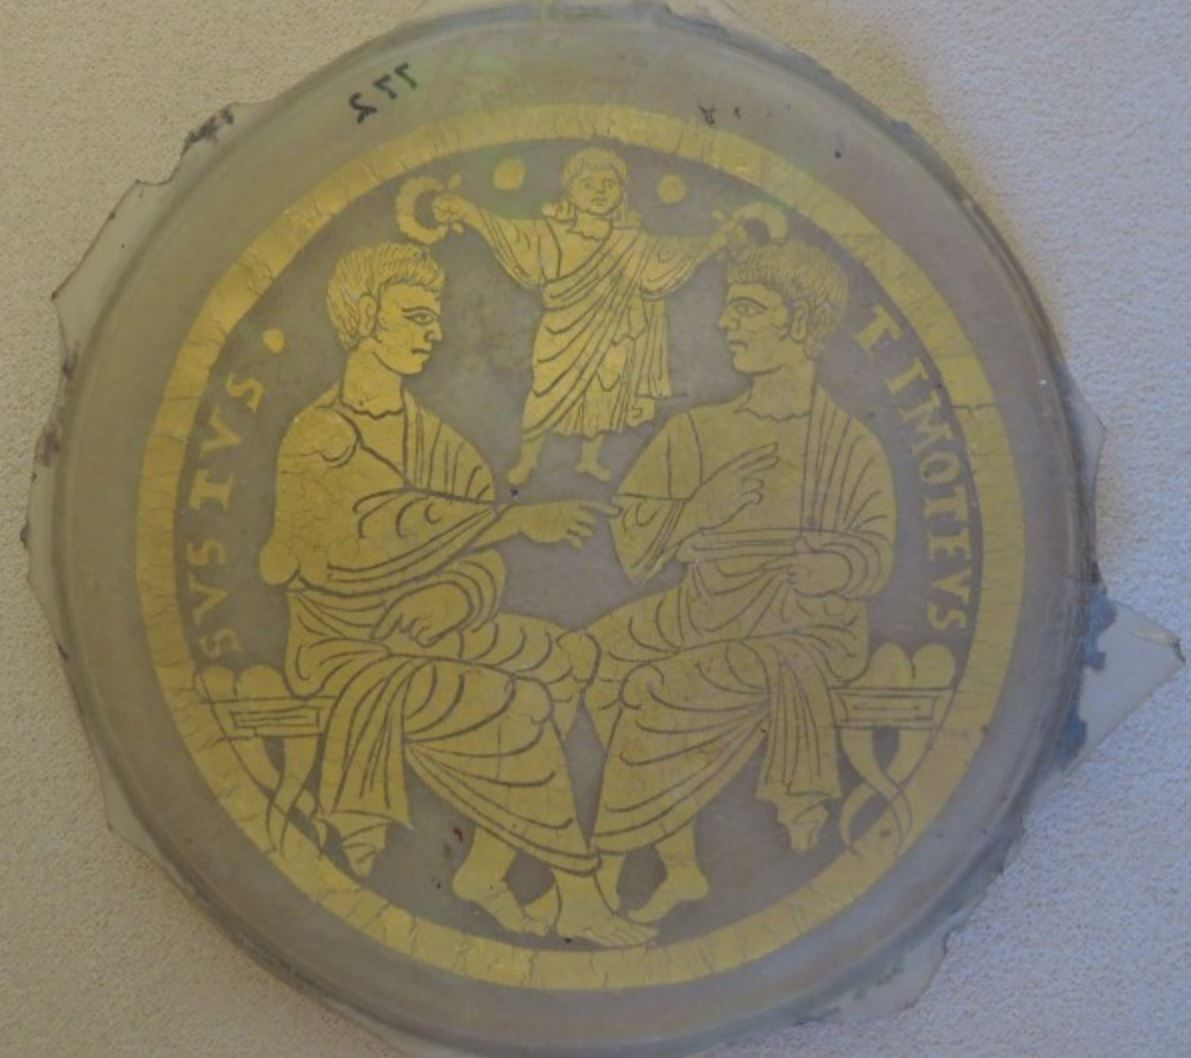 Saint Sixte et Timothee couronnes Vatican